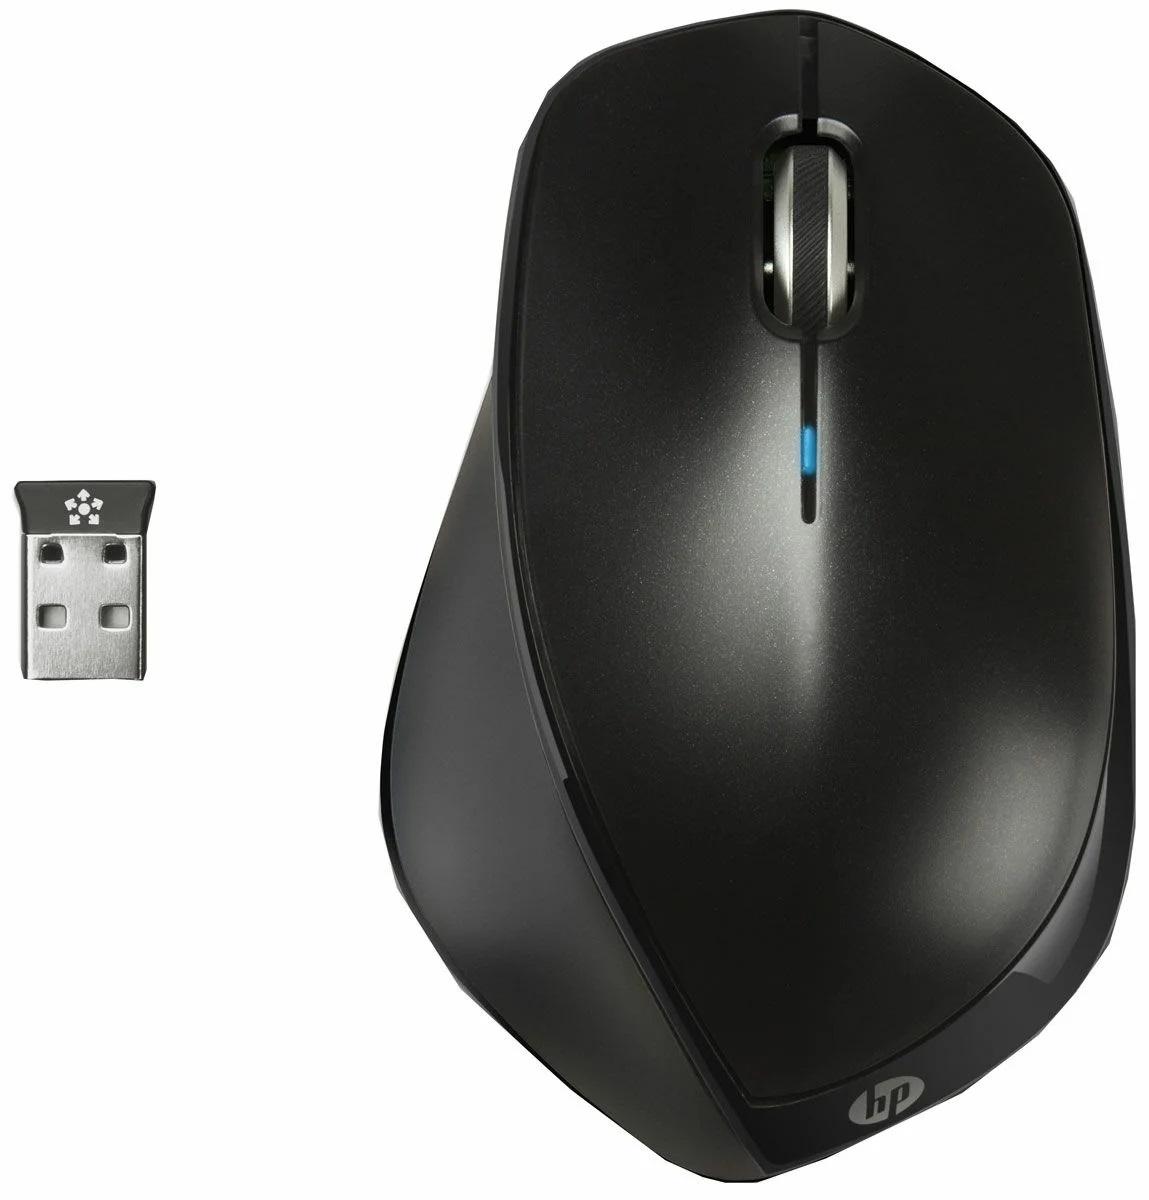 HP H2W16AA x4500 Black USB